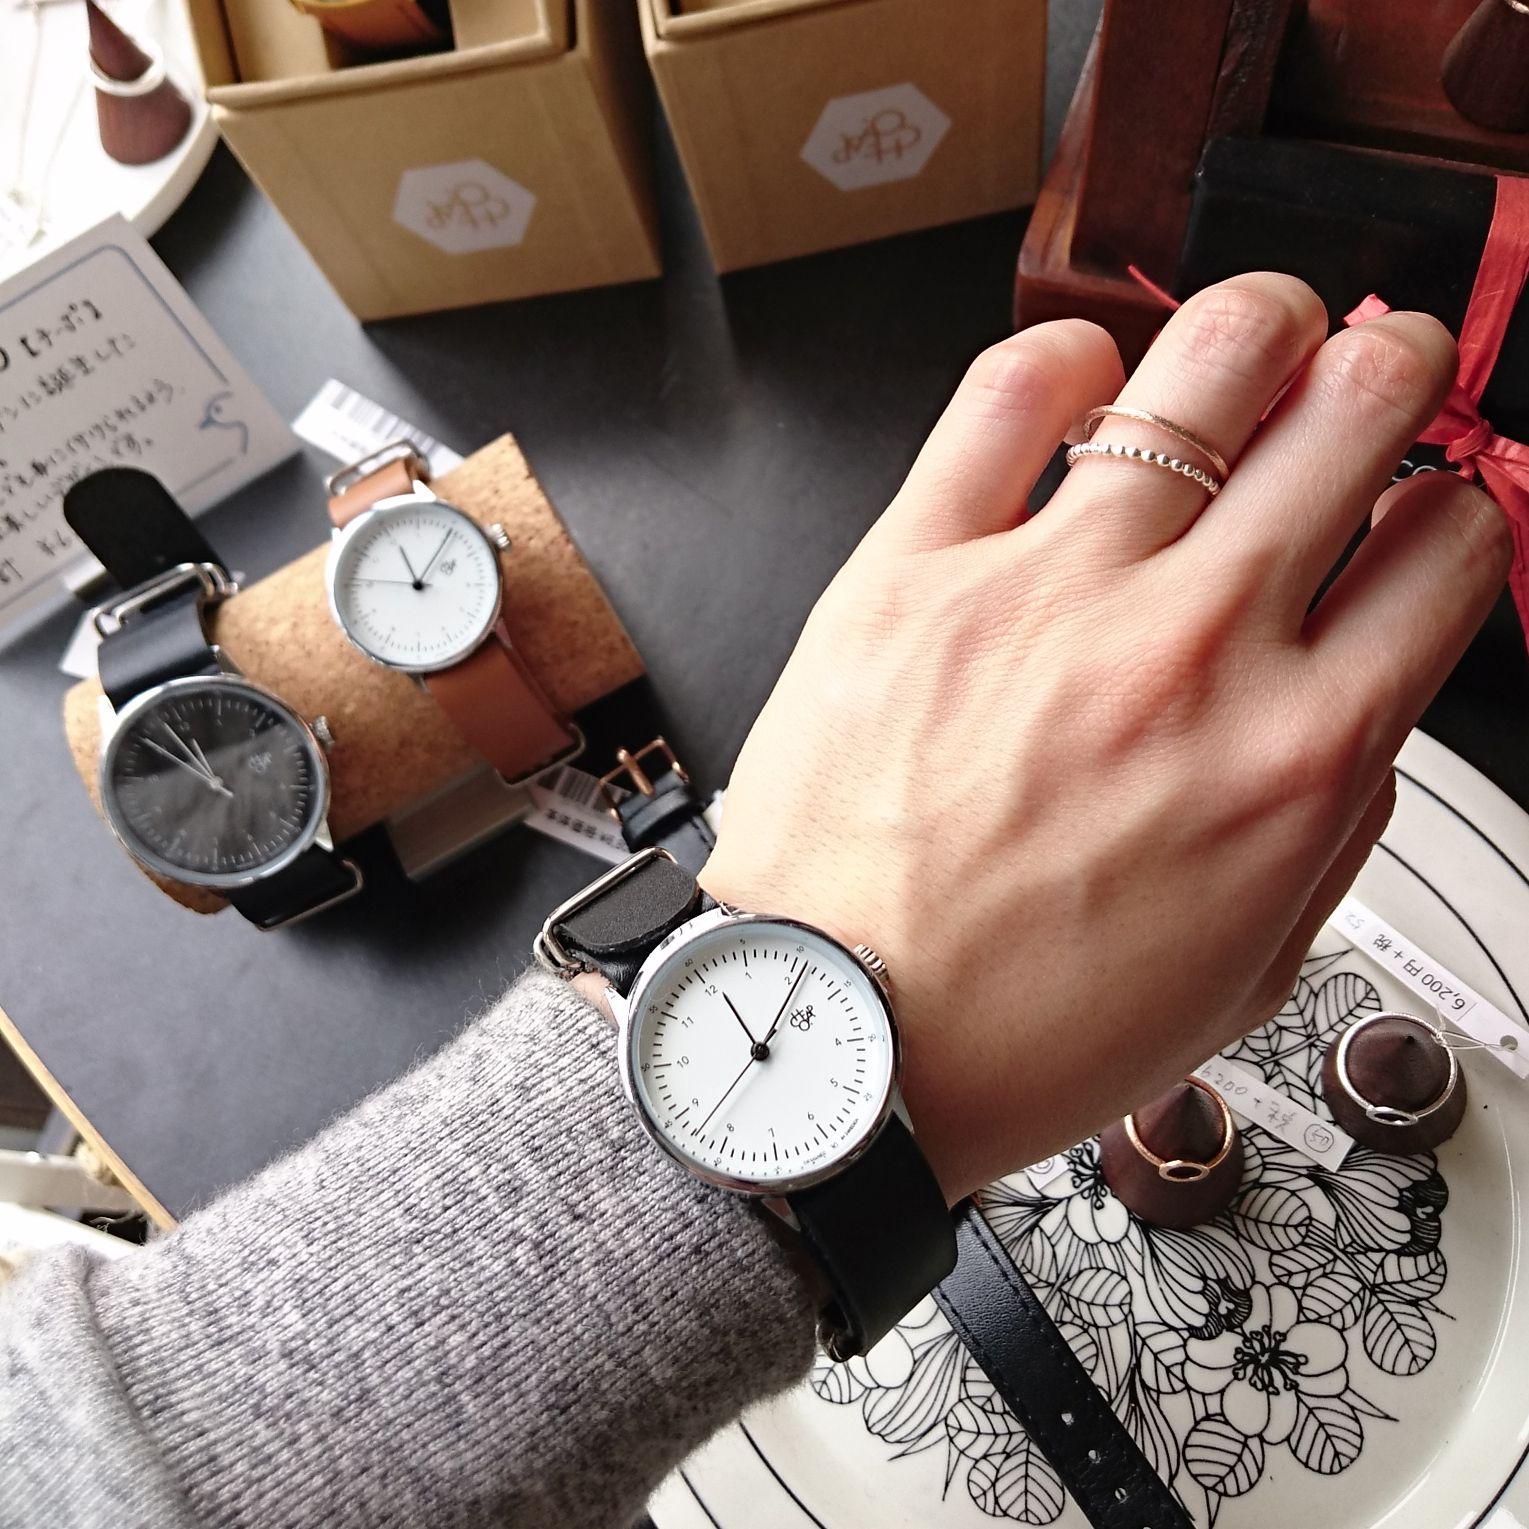 スウェーデンデザイン【cheapo】の腕時計。シンプルでミニマルなデザインなので、ビジネスカジュアル問わず使えます。6,800円+税<取扱|krone>